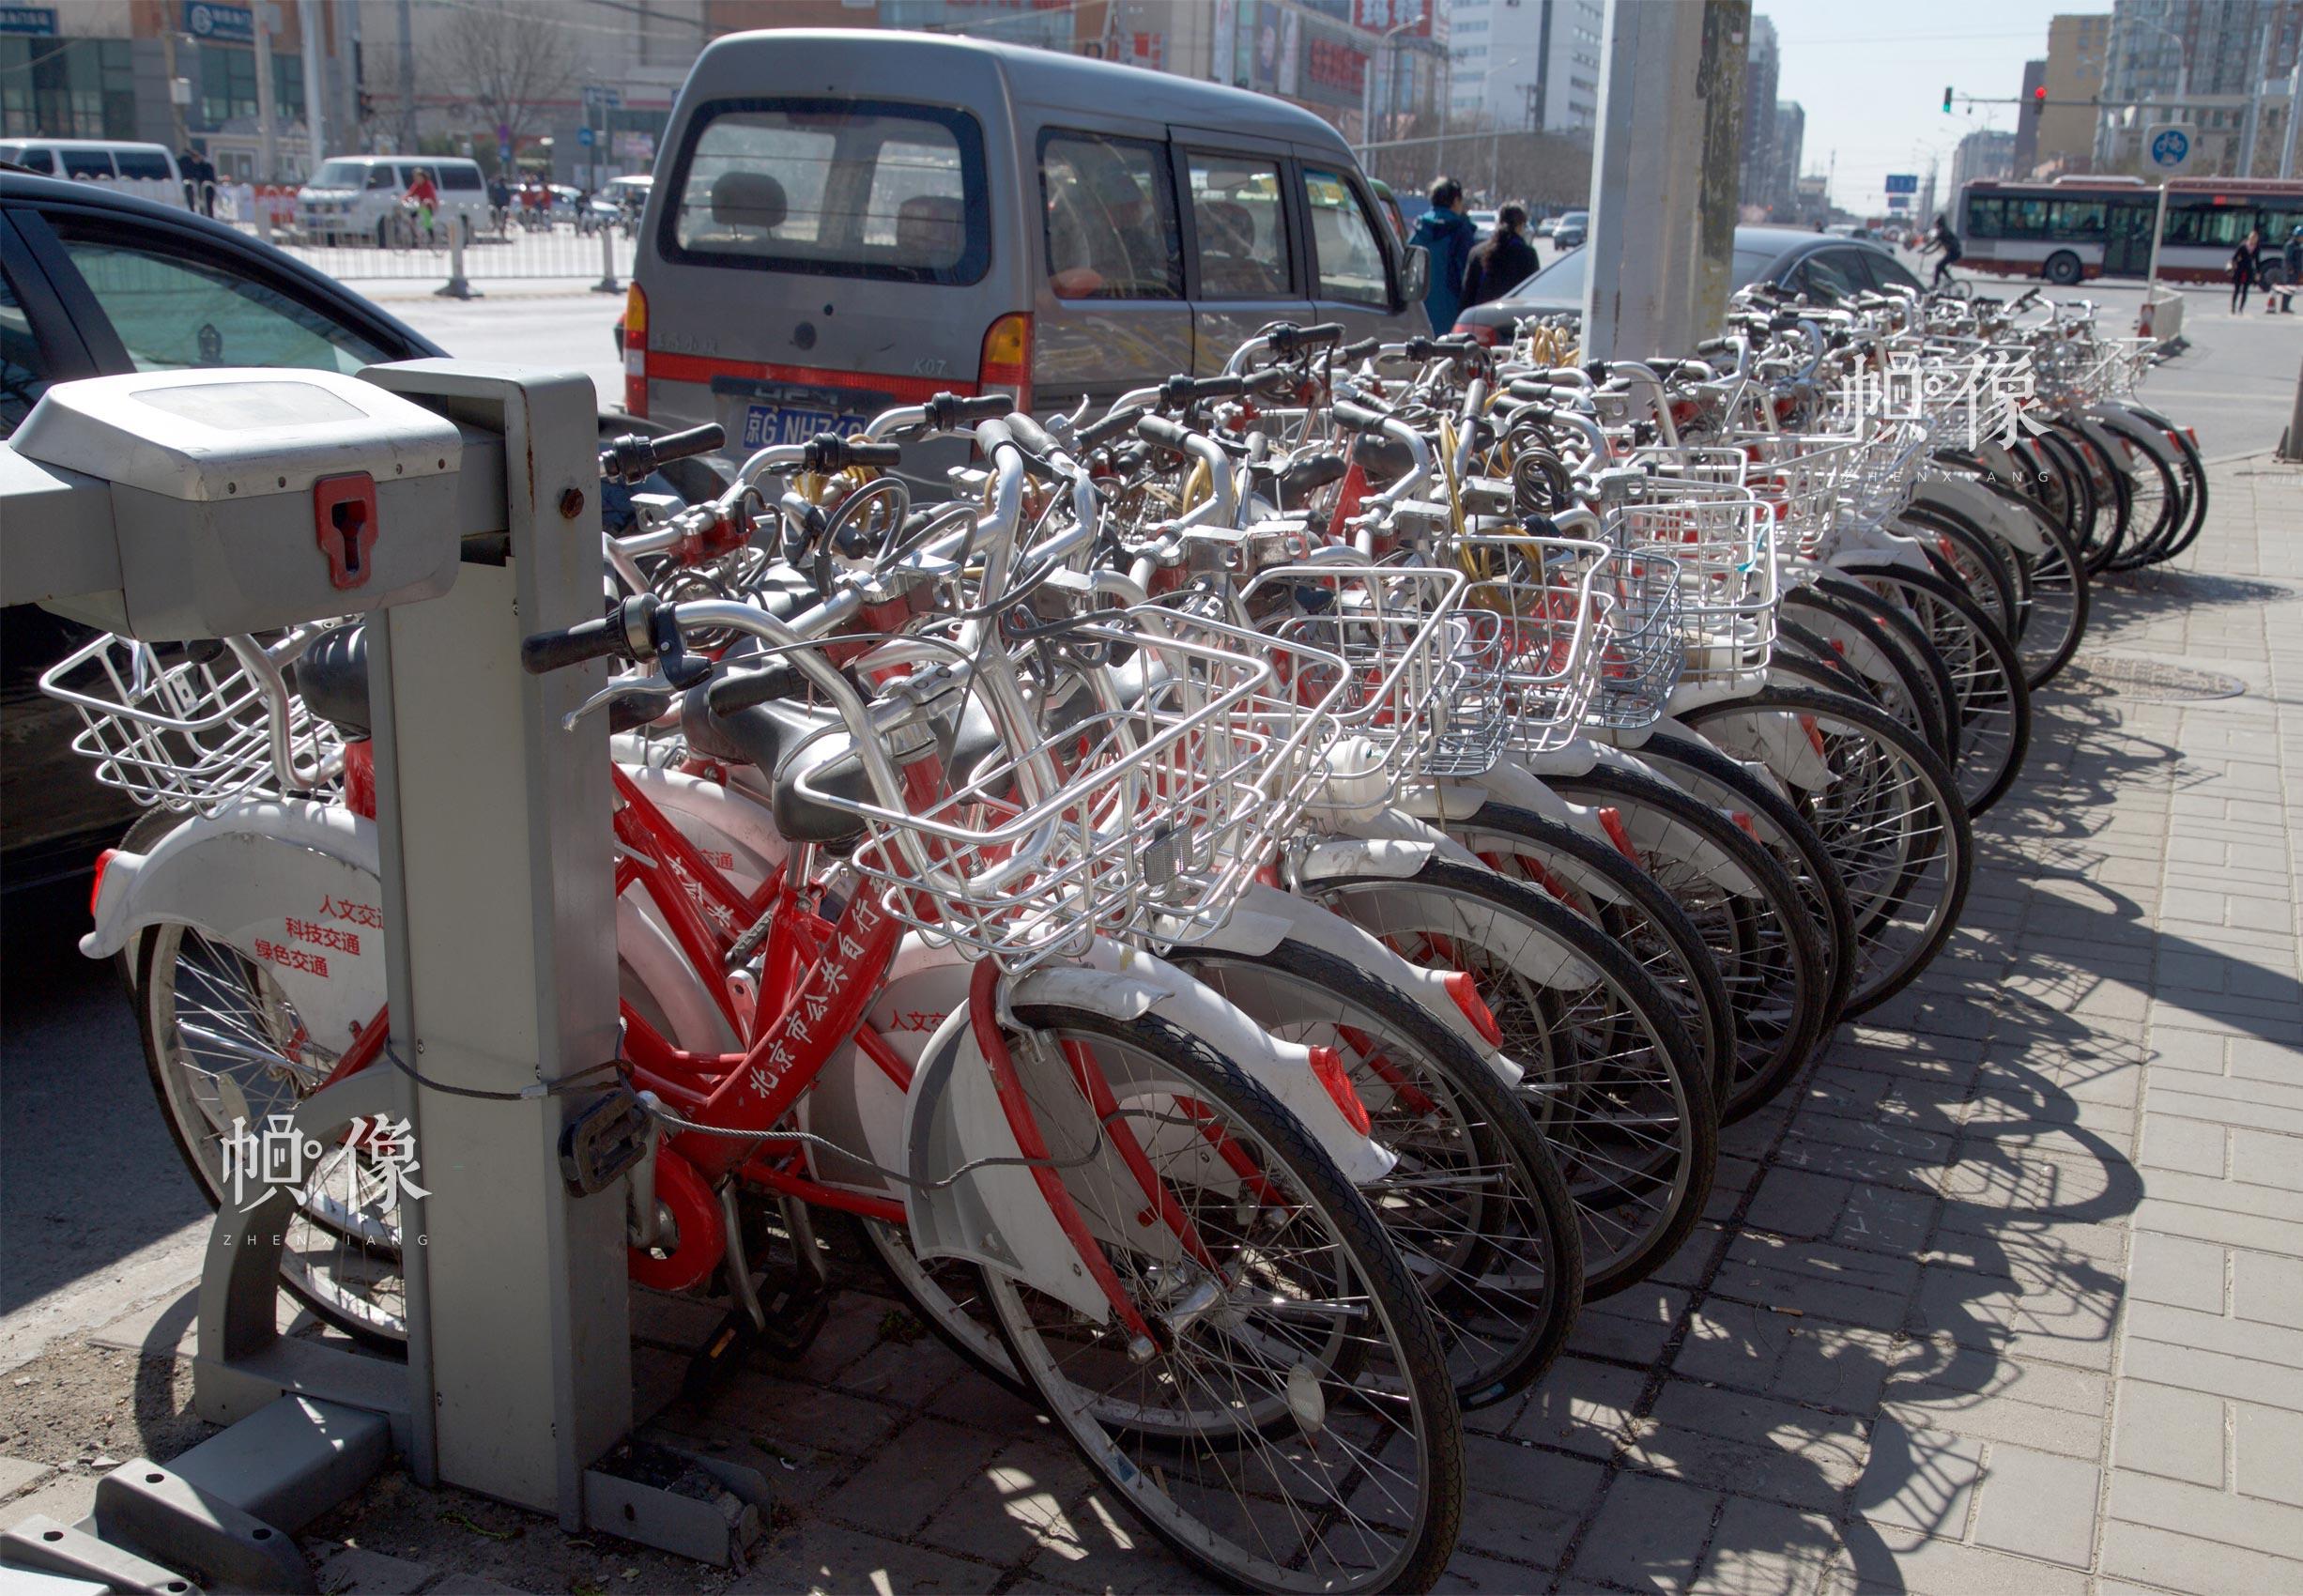 受共享单车的冲击,北京市政公共自行车的使用率有所降低,大量车辆闲置在路边。中国网记者 高南 摄